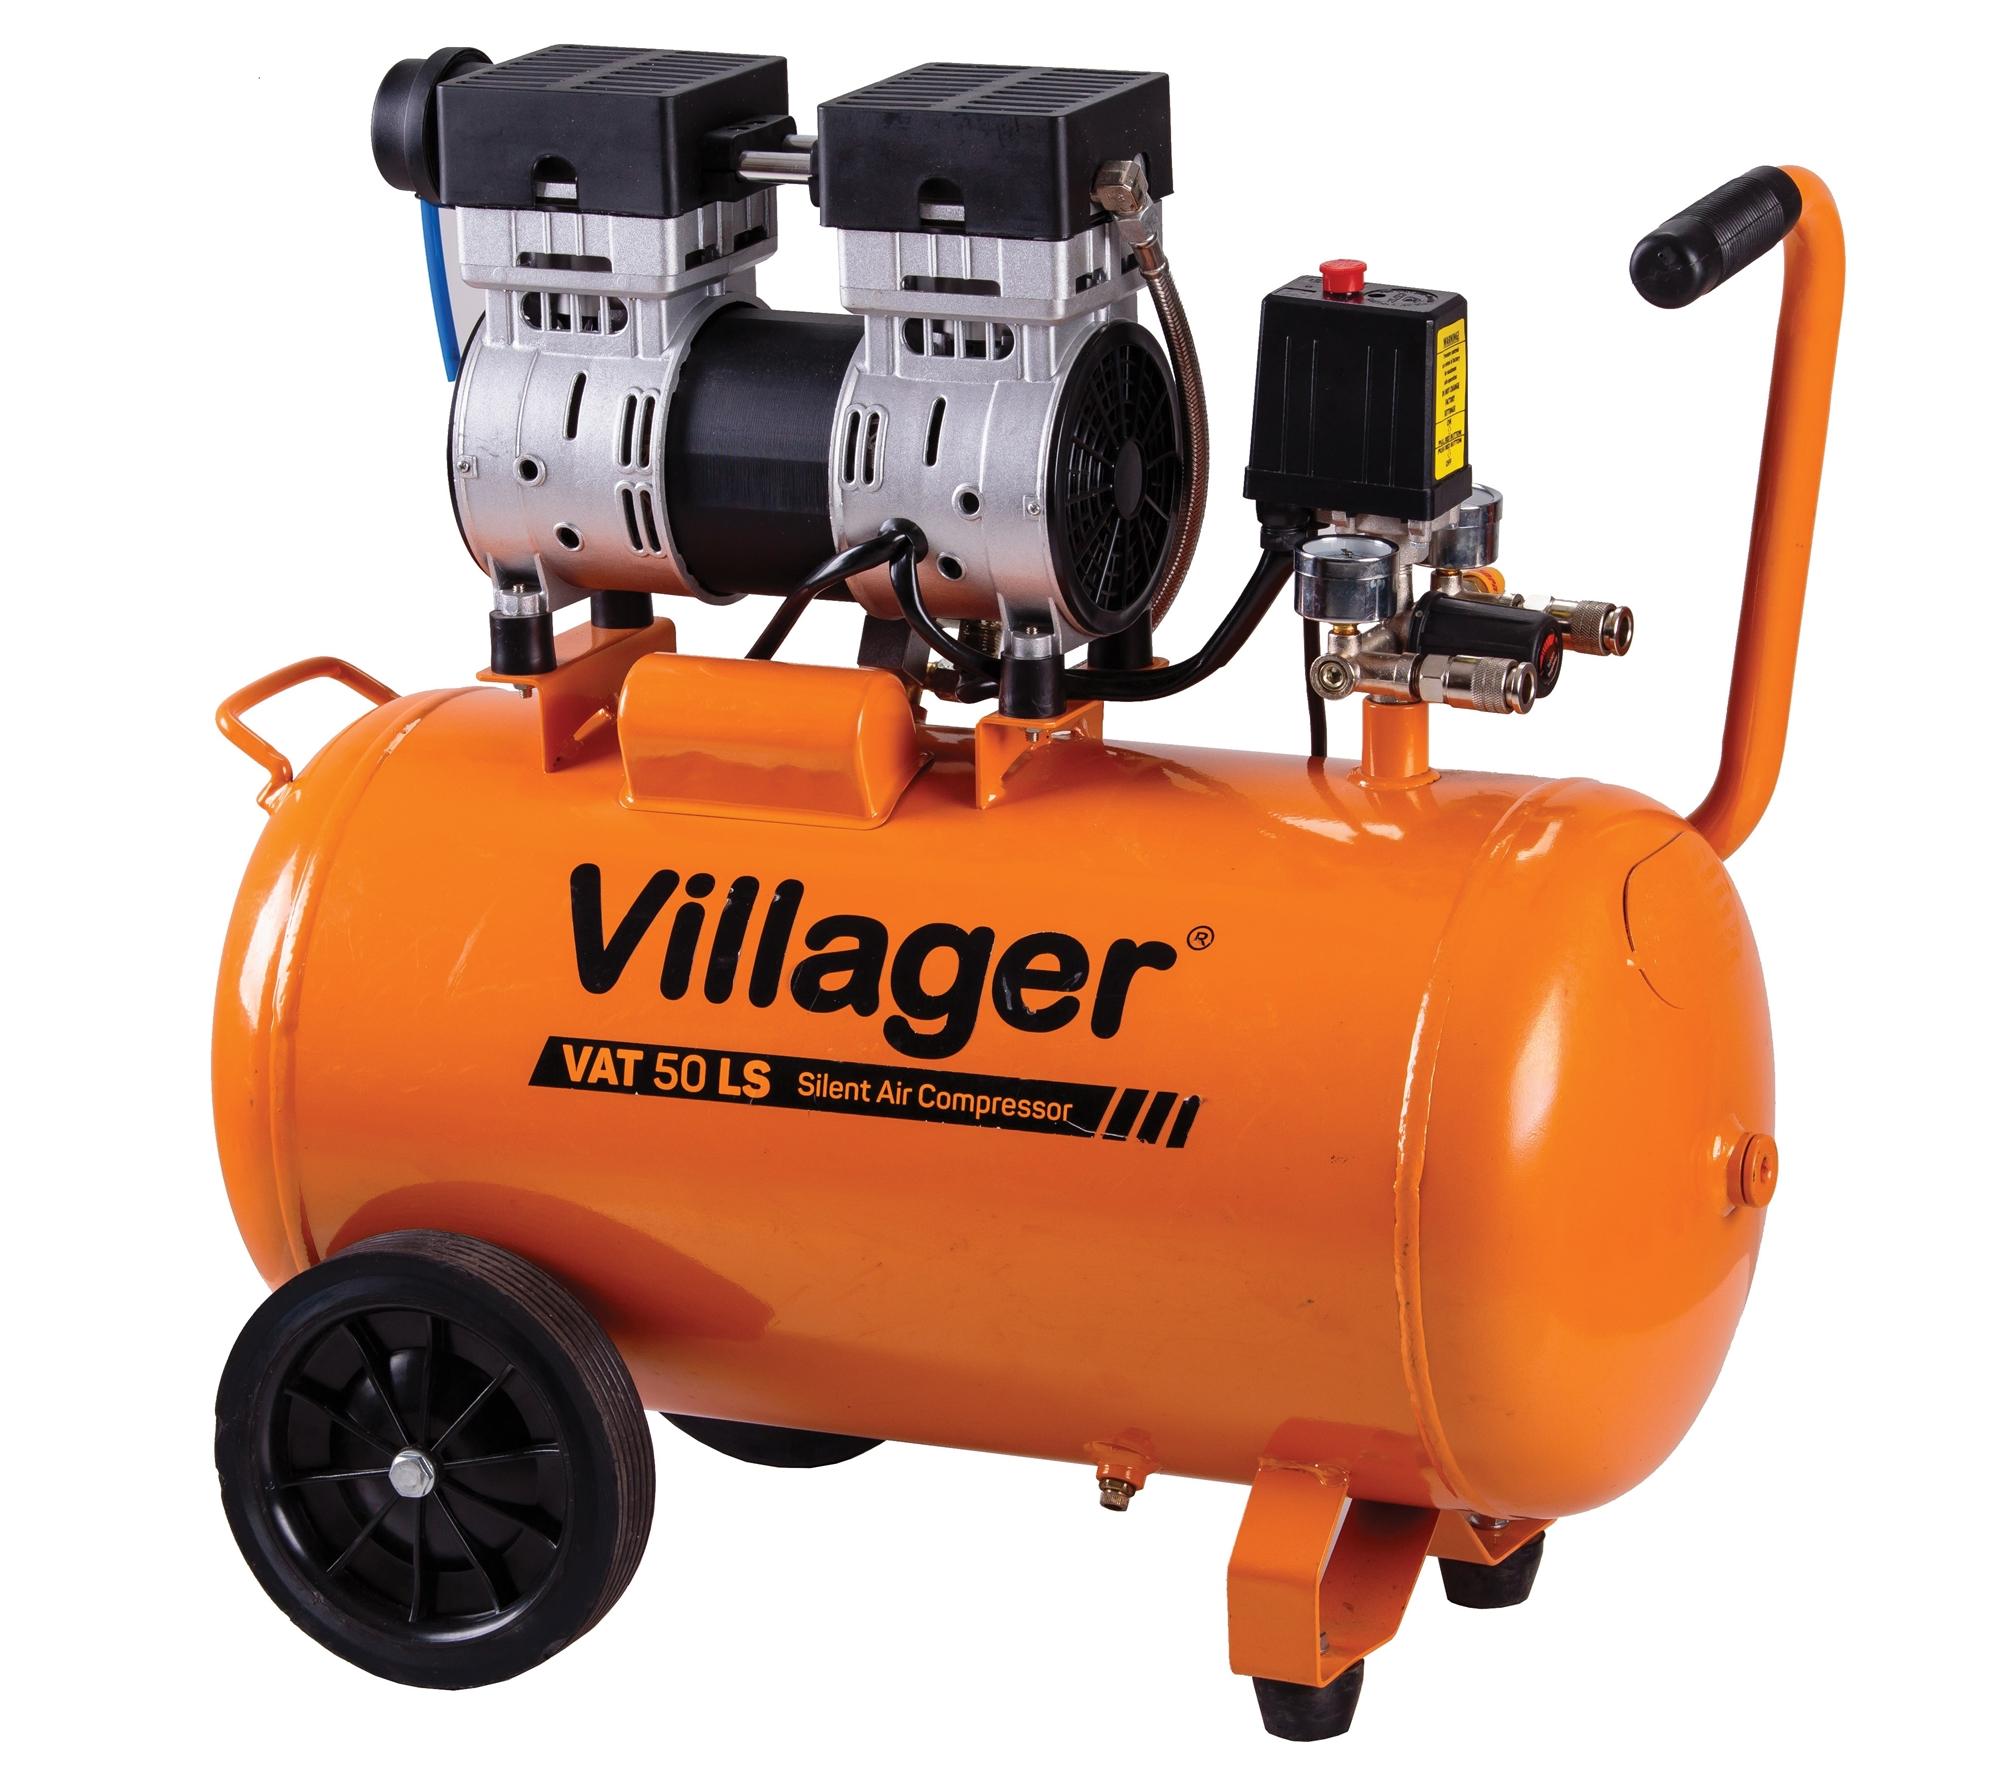 Kompresor VILLAGER VAT 50 LS